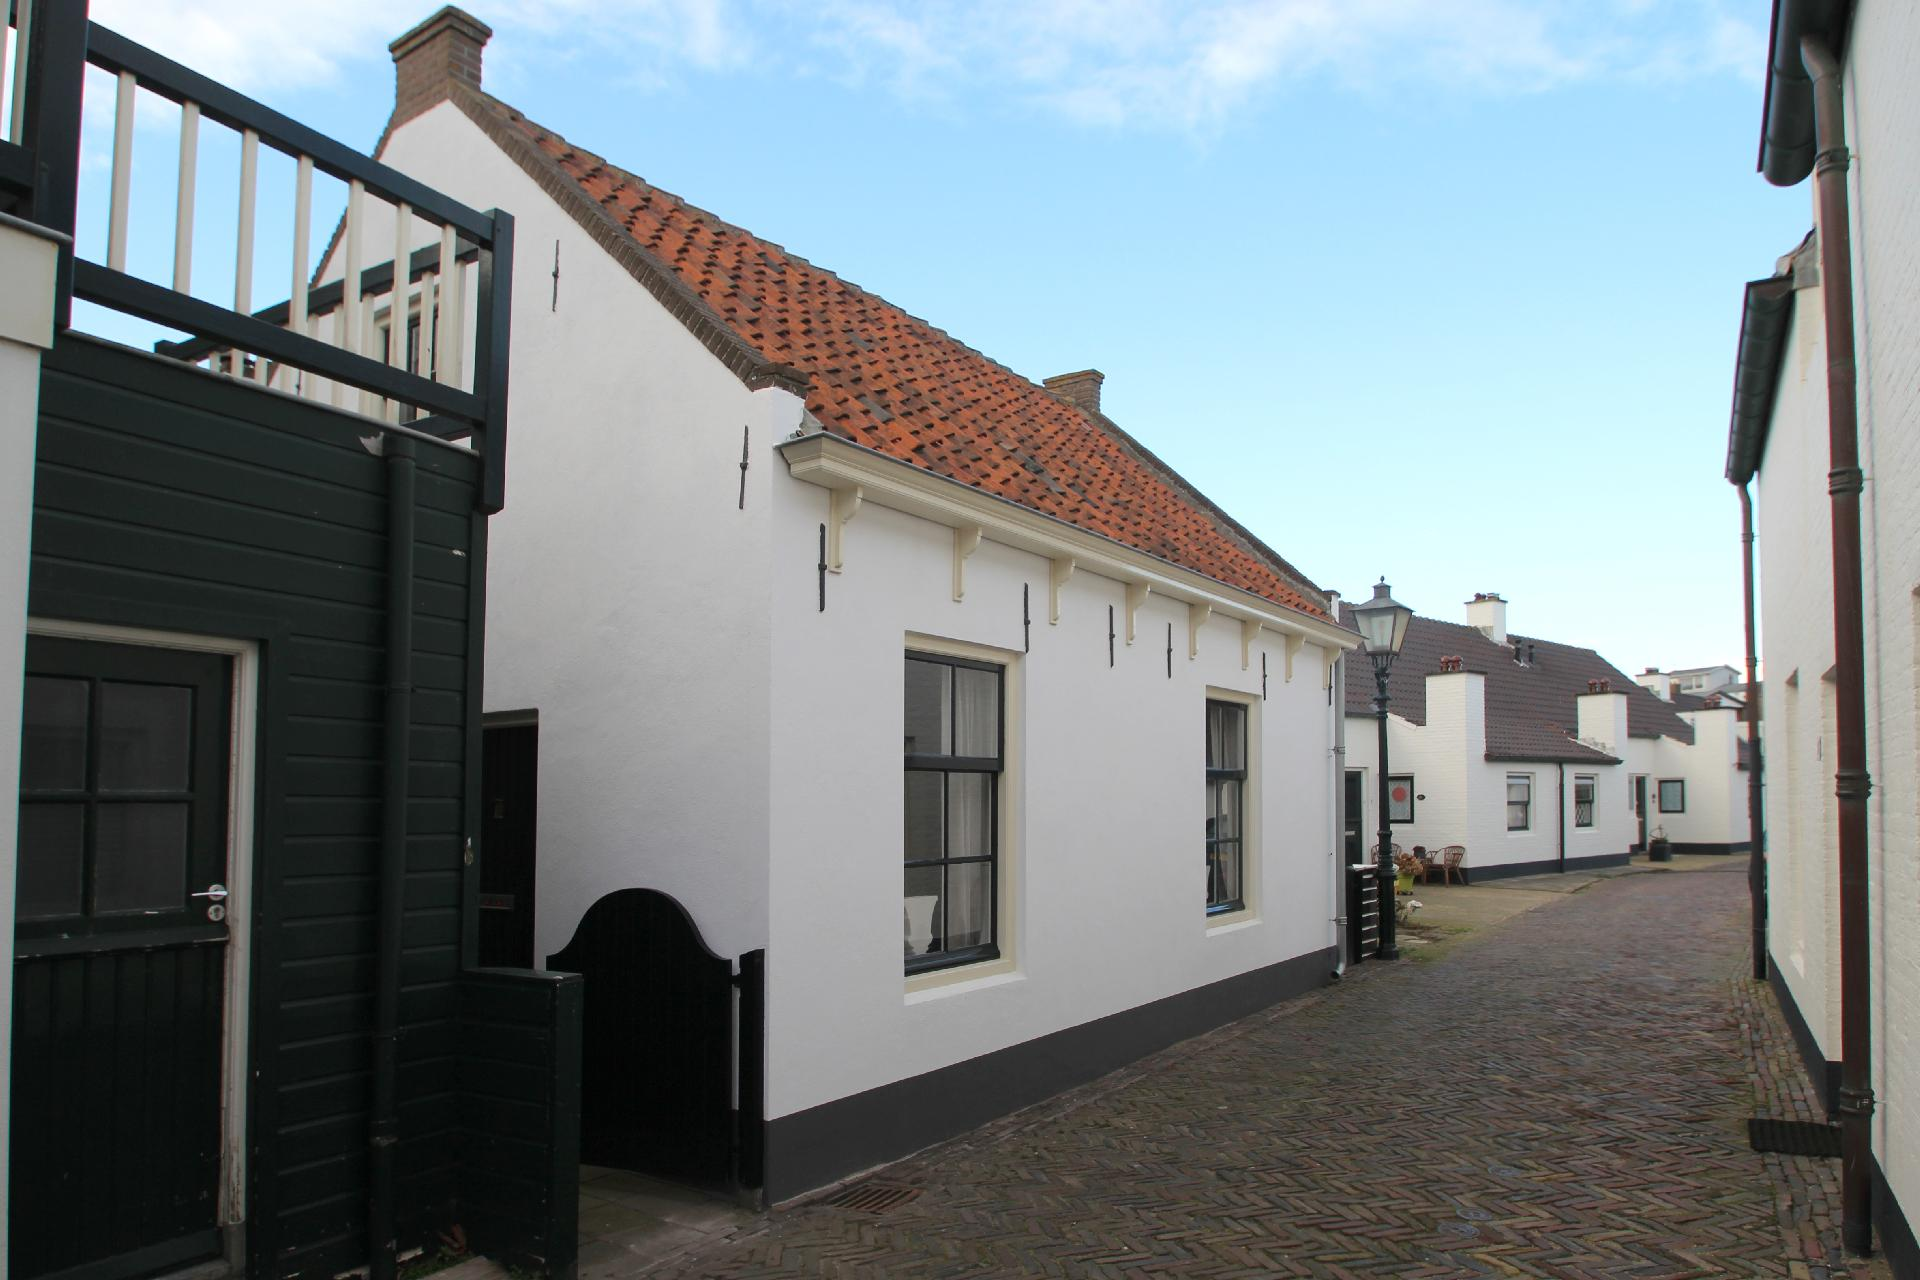 Ferienhaus für 4 Personen ca 63 m² in Katwijk Aan Zee Südholland Rotterdam und Umgebung